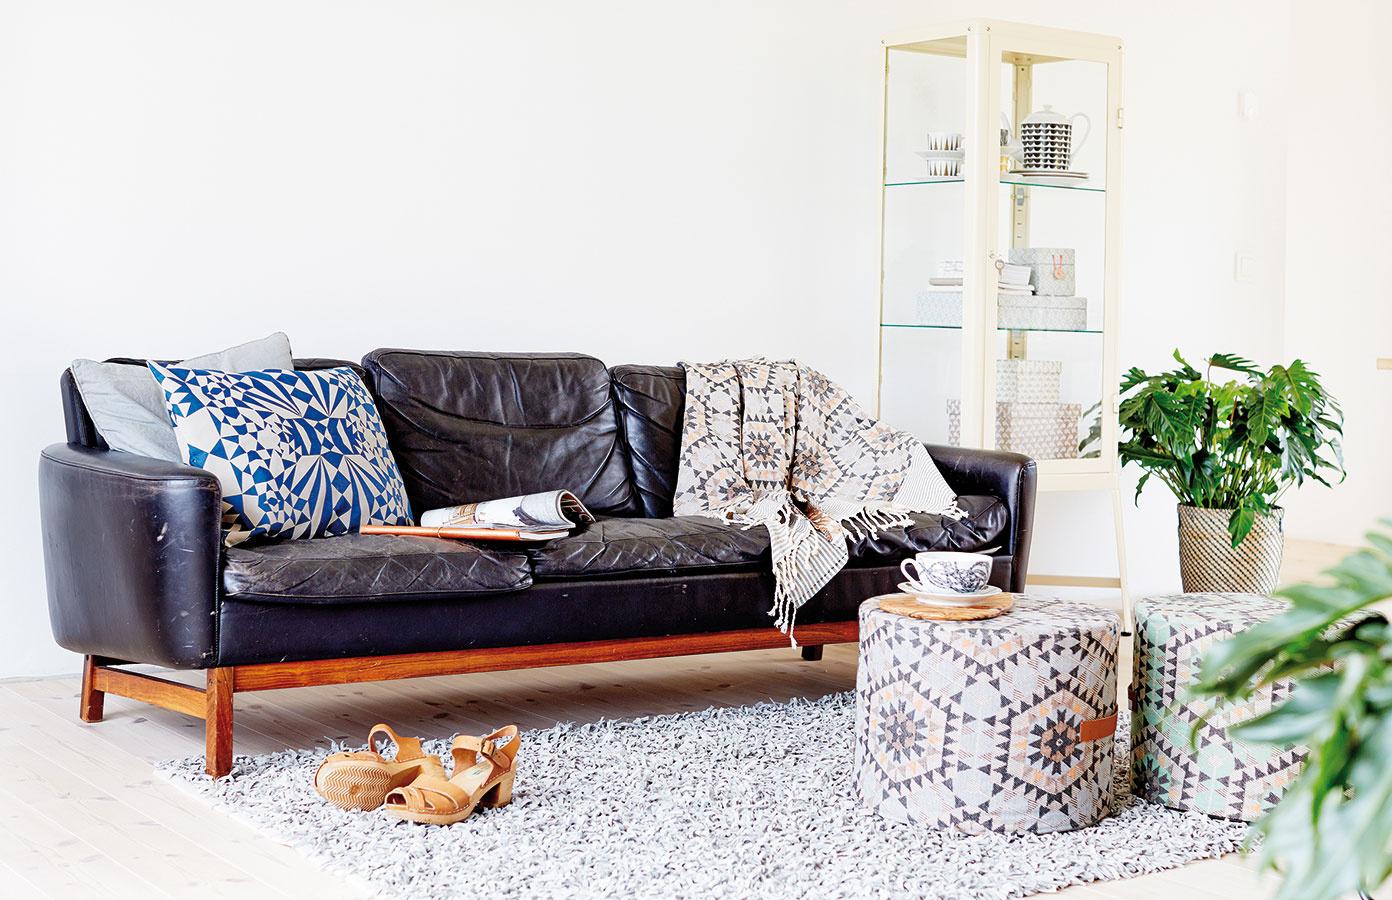 """Taburet v kombinácii s podnosom je voľbou tam, kde je cieľom útulný a hrejivý interiér. Výhodou takéhoto """"stolíka"""" sú aj pestrejšie farebné možnosti pri výbere textílií. Produkty značky HOUSE OF RYM ponúka www.bellarose.sk."""